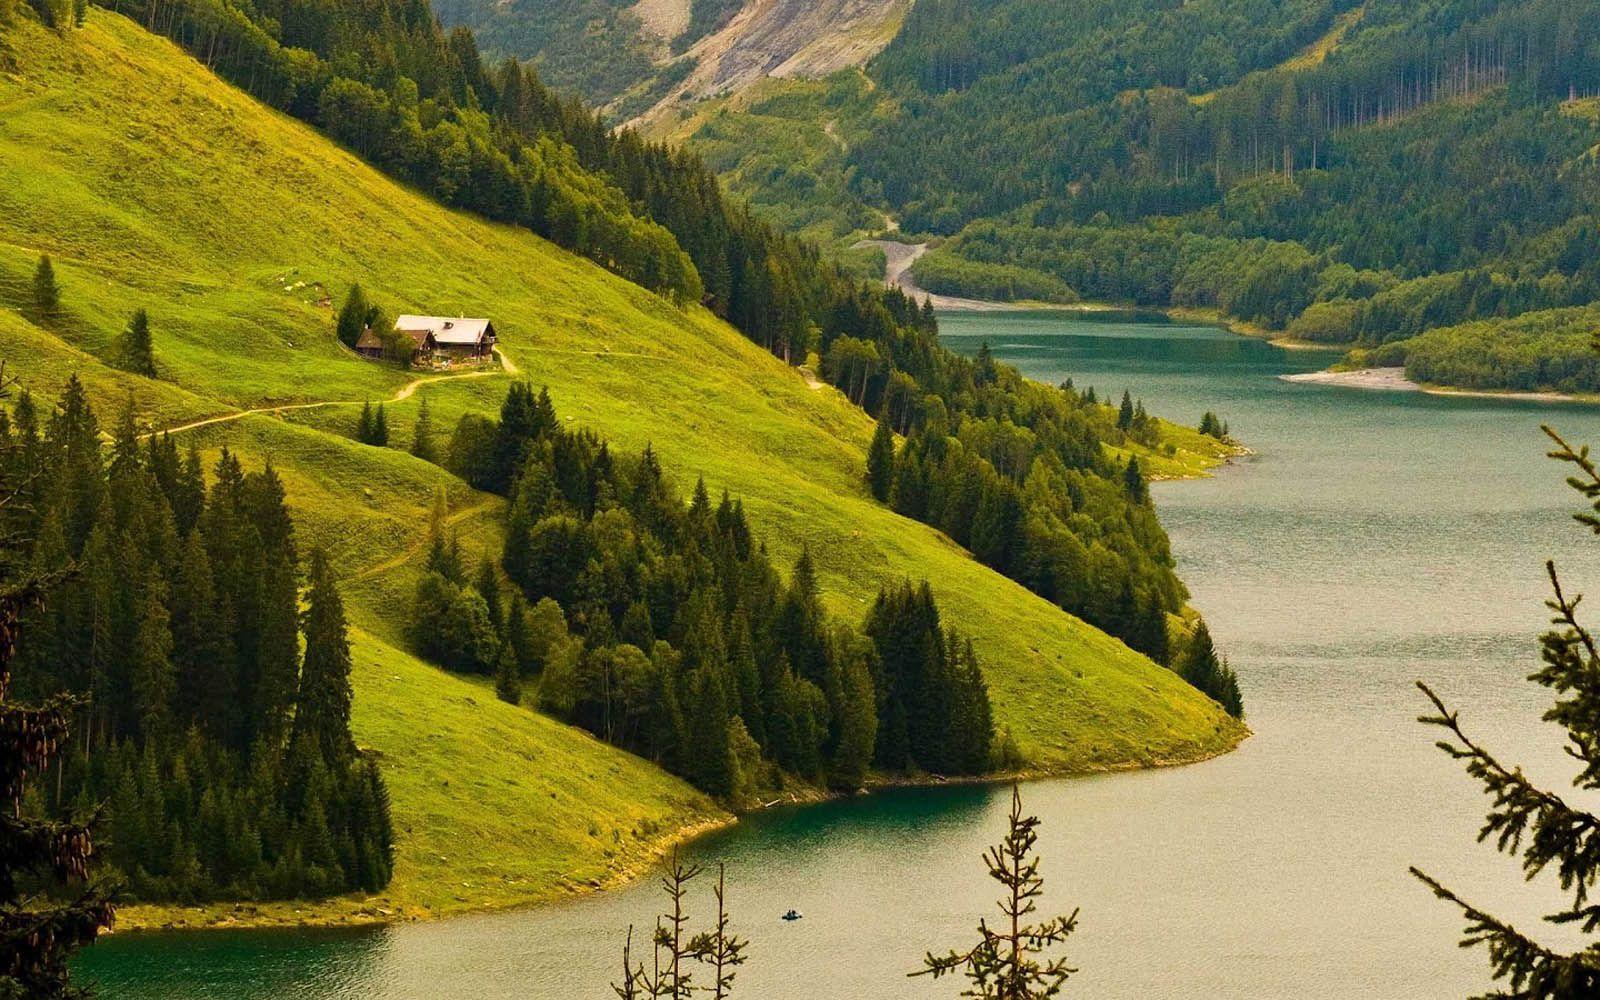 Free Landscape Wallpaper Backgrounds Landscape Wallpapers Nature Landscape Landscape Wallpaper